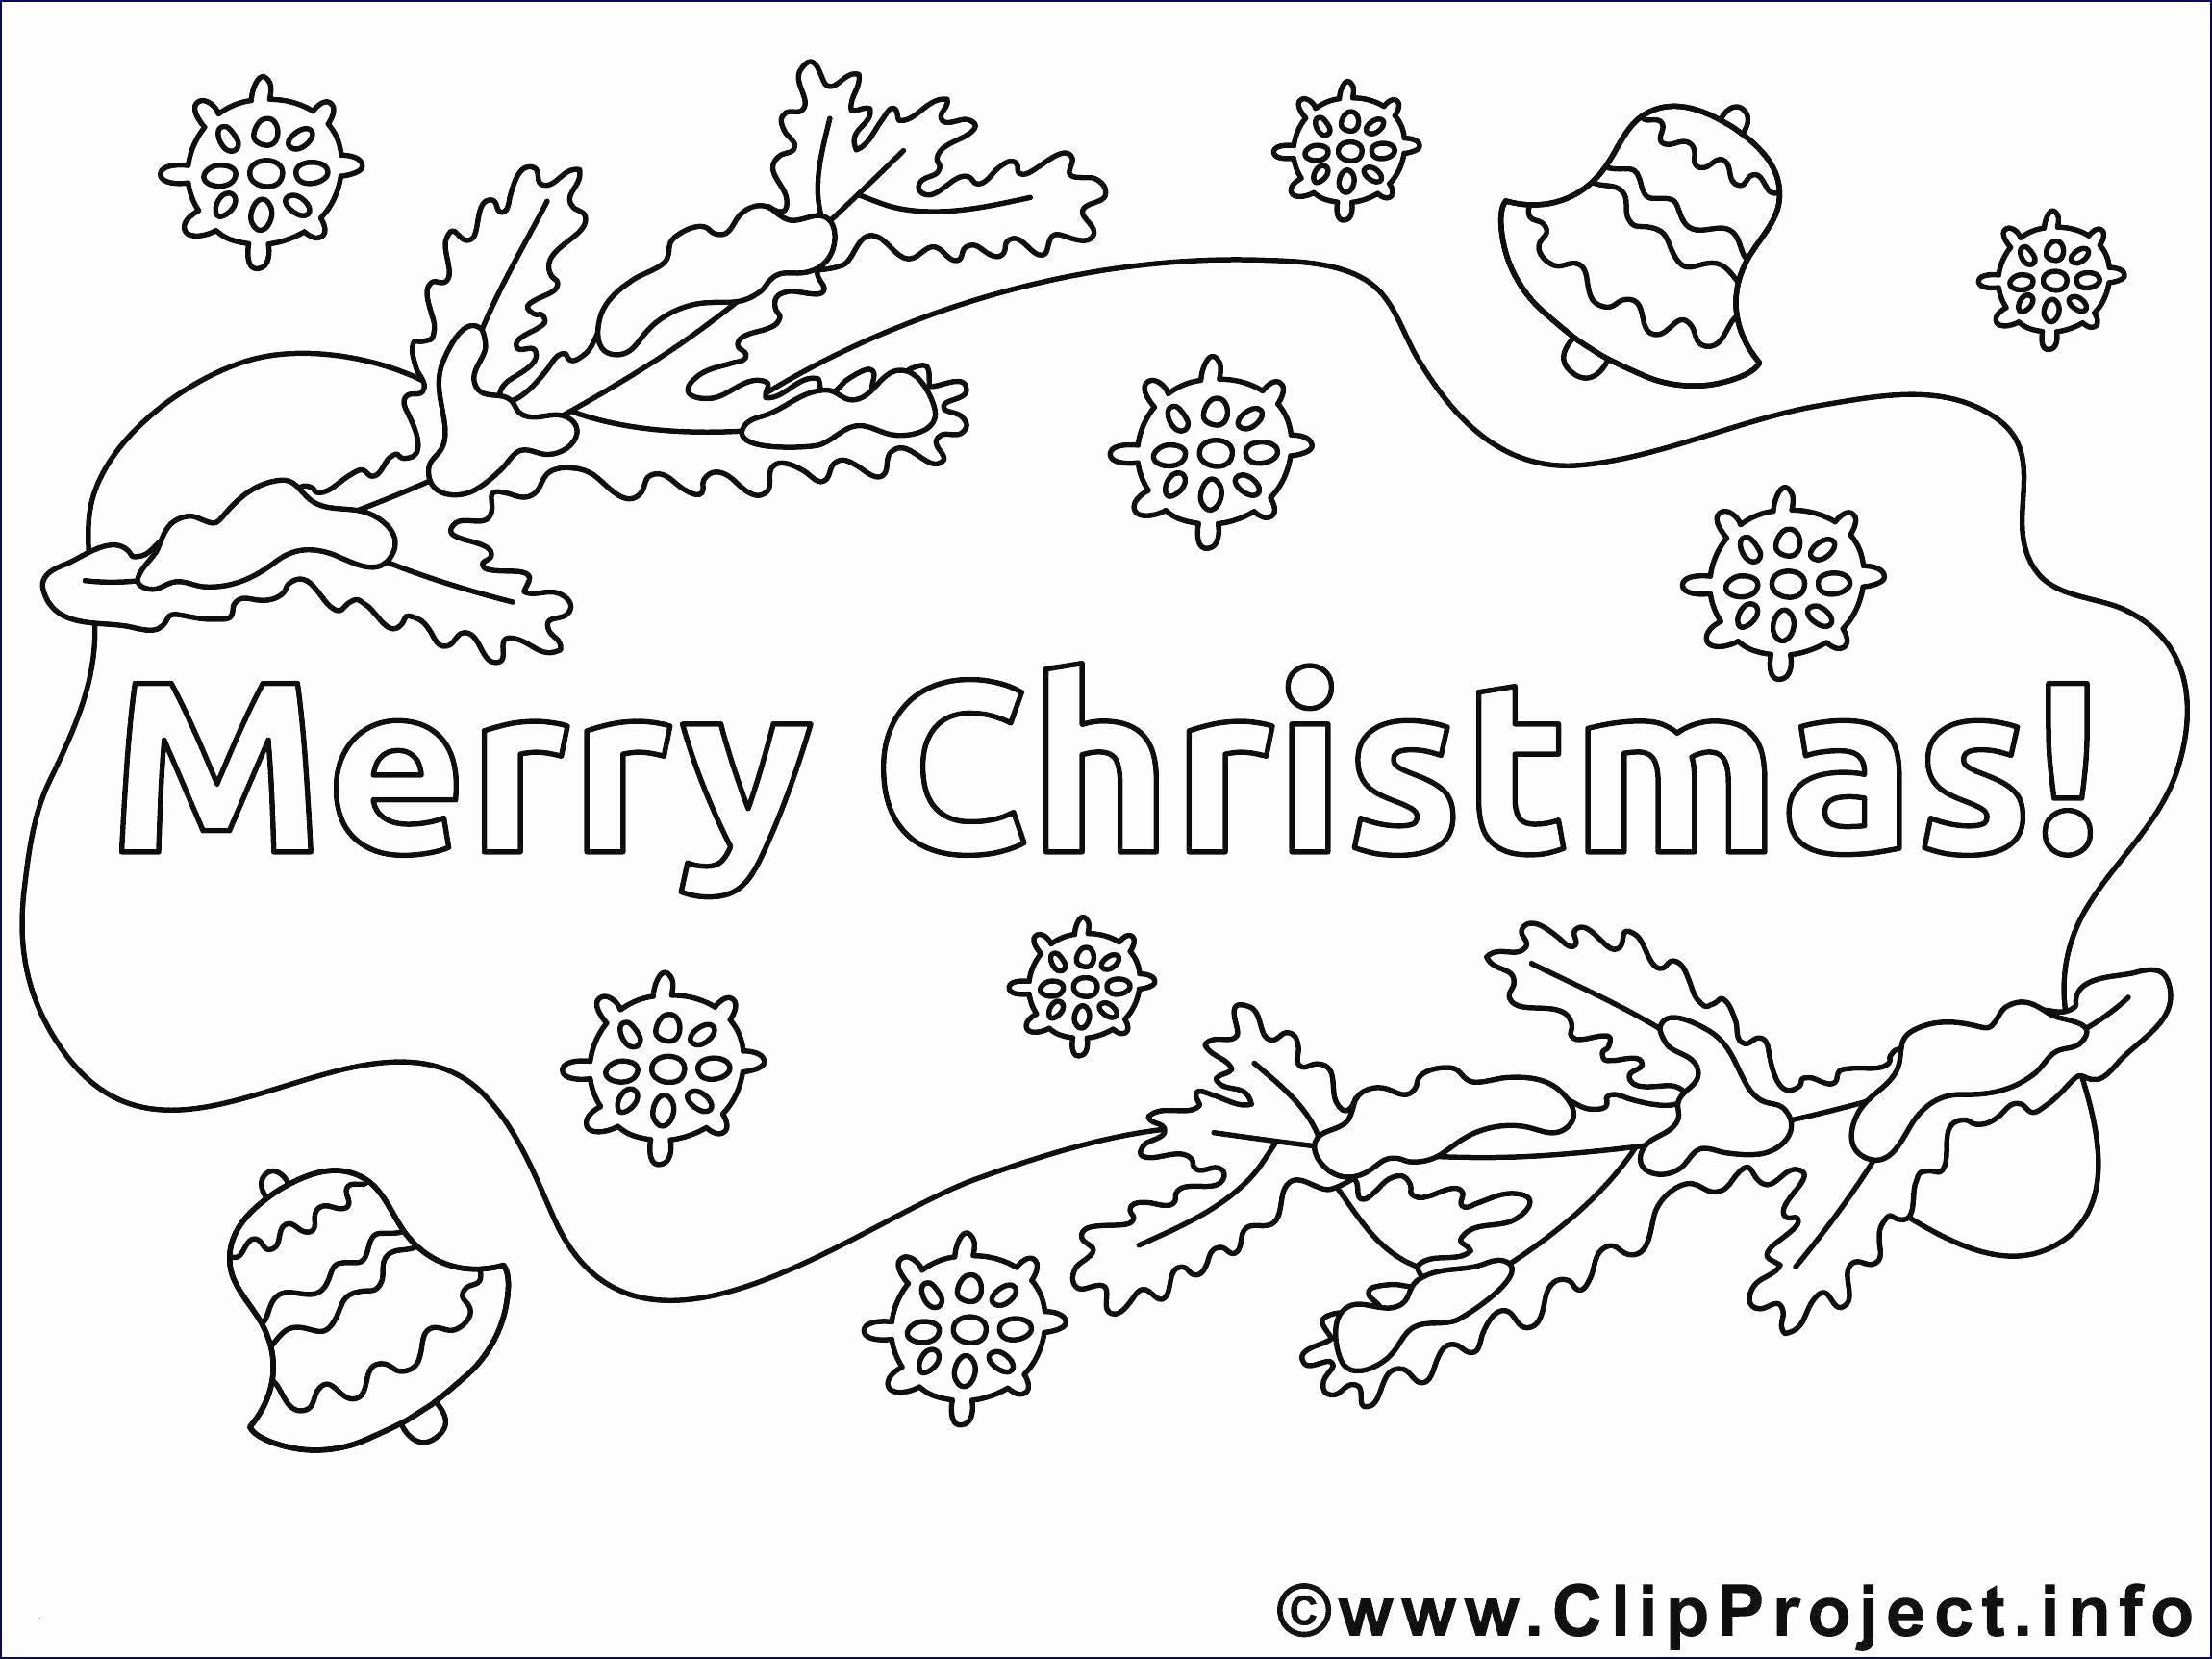 Ausmalbilder Für Weihnachten Zum Ausdrucken Inspirierend Mandalas Zum Ausdrucken Für Kinder Genial Coole Ausmalbilder Bilder